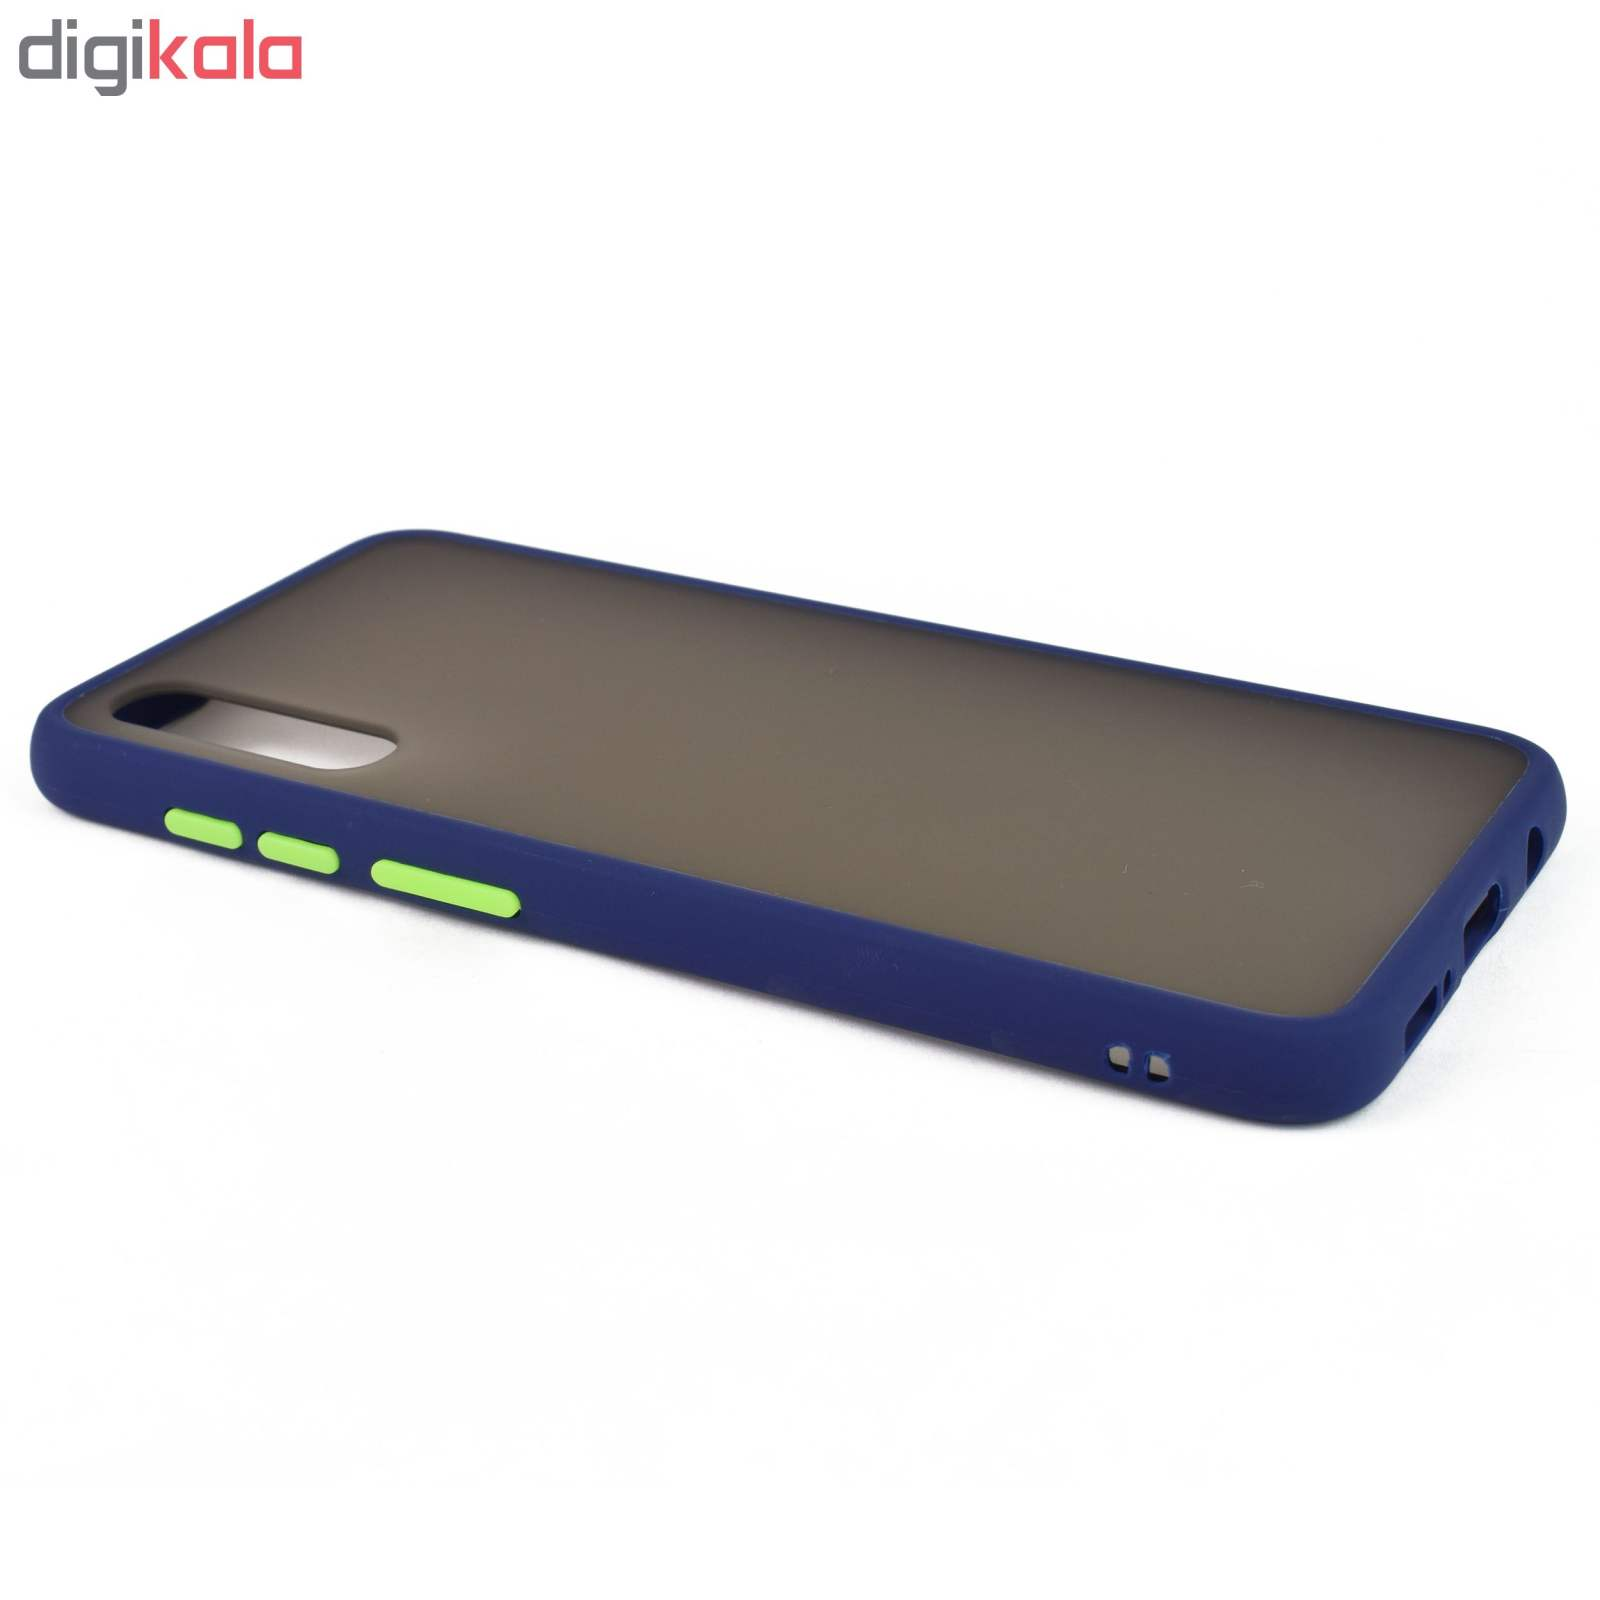 کاور مدل Slico01 مناسب برای گوشی موبایل سامسونگ Galaxy A50 main 1 4